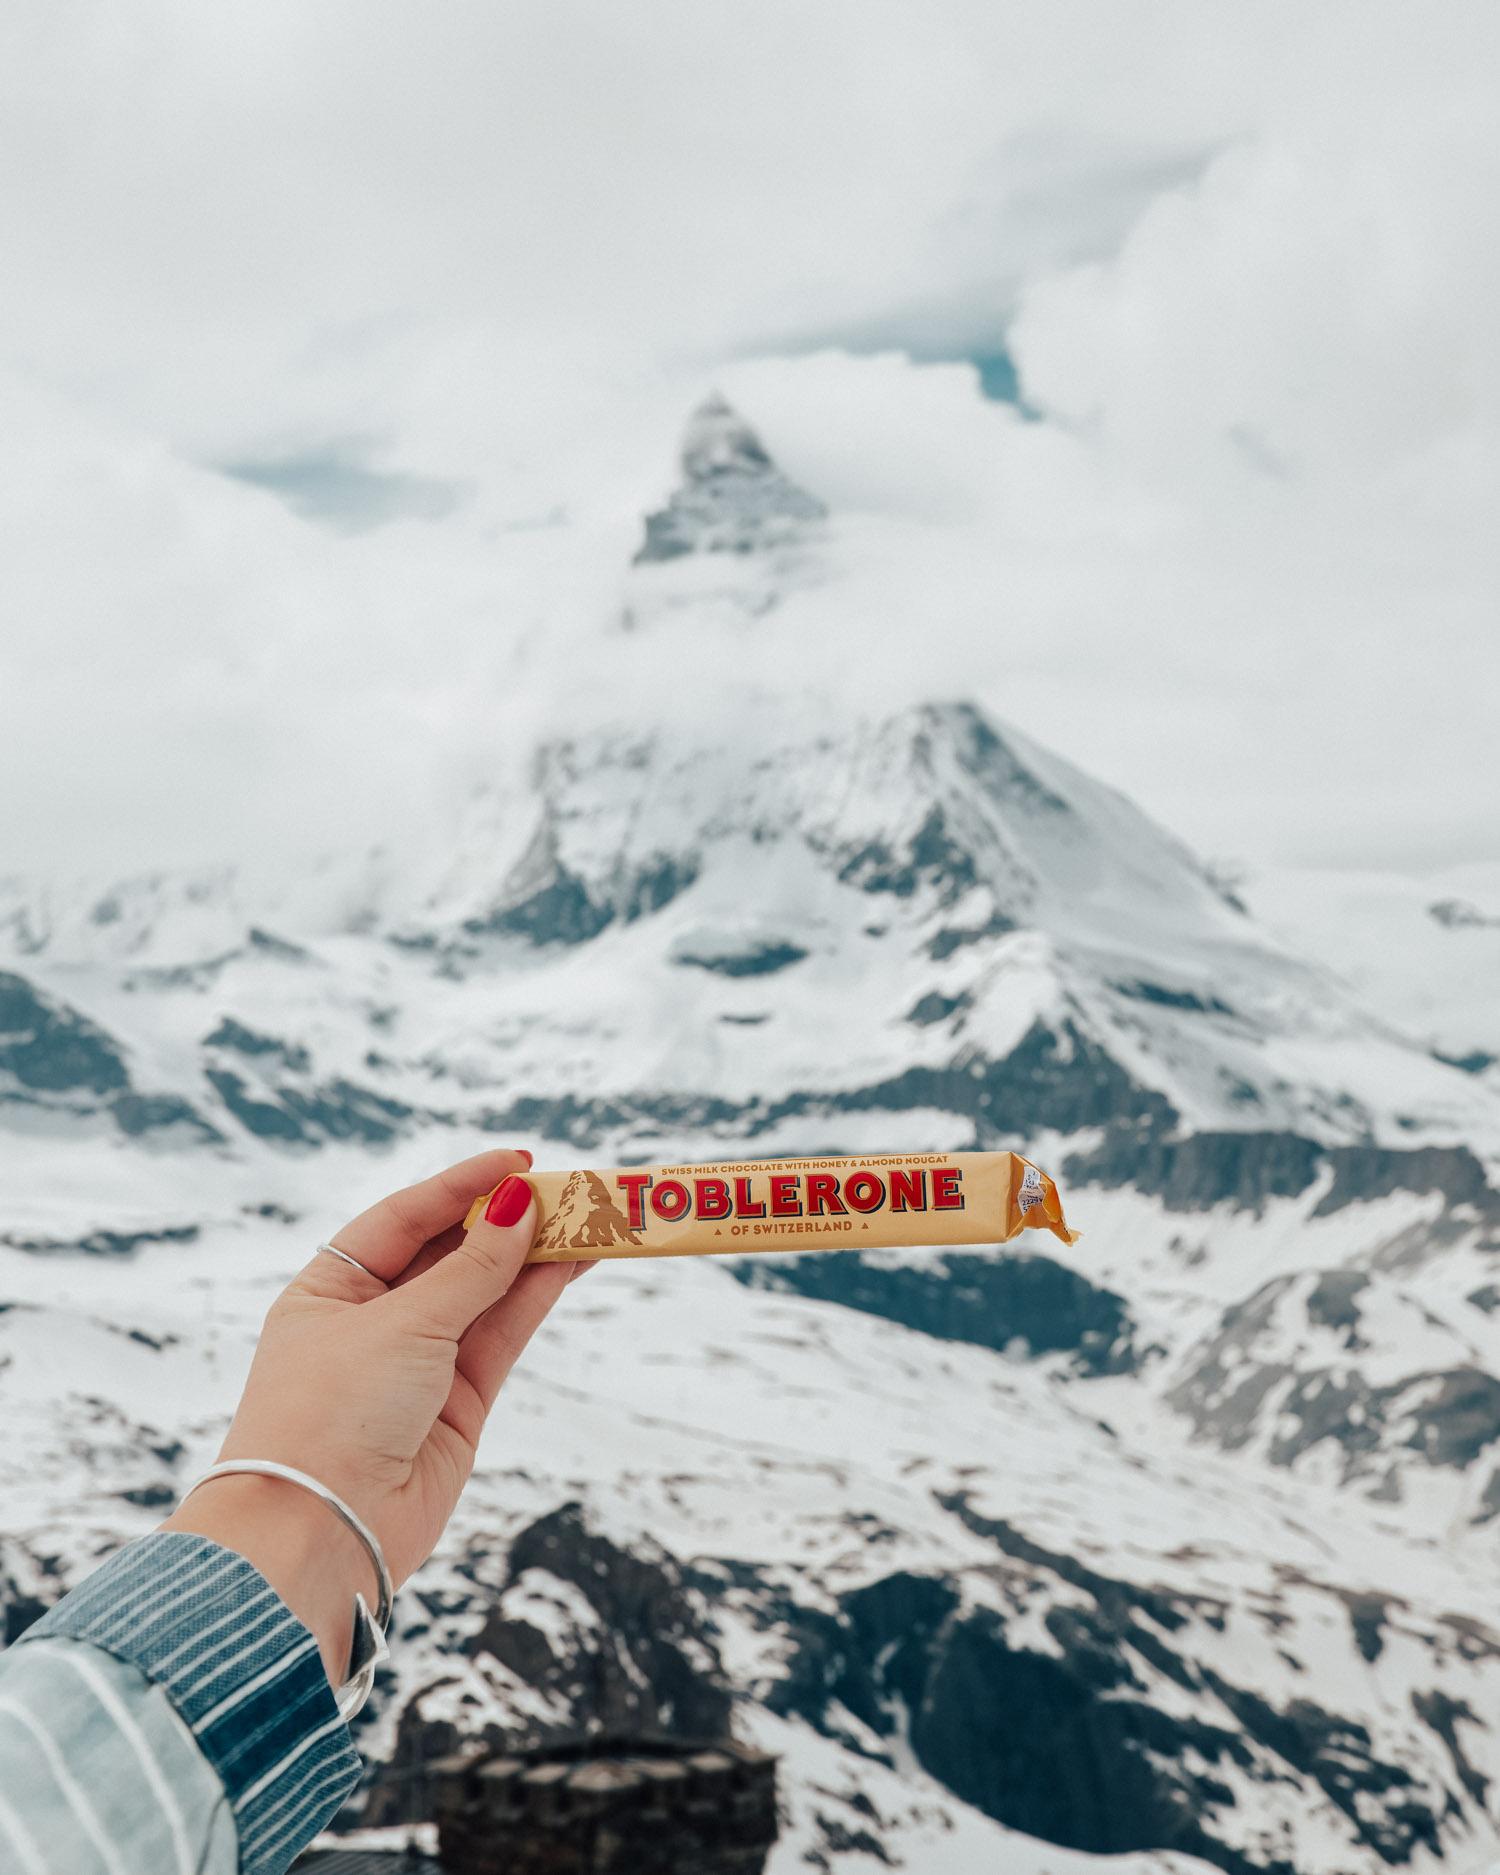 Tobleroneberget Matterhorn i Zermatt |Foto från toppen av Gornergrat